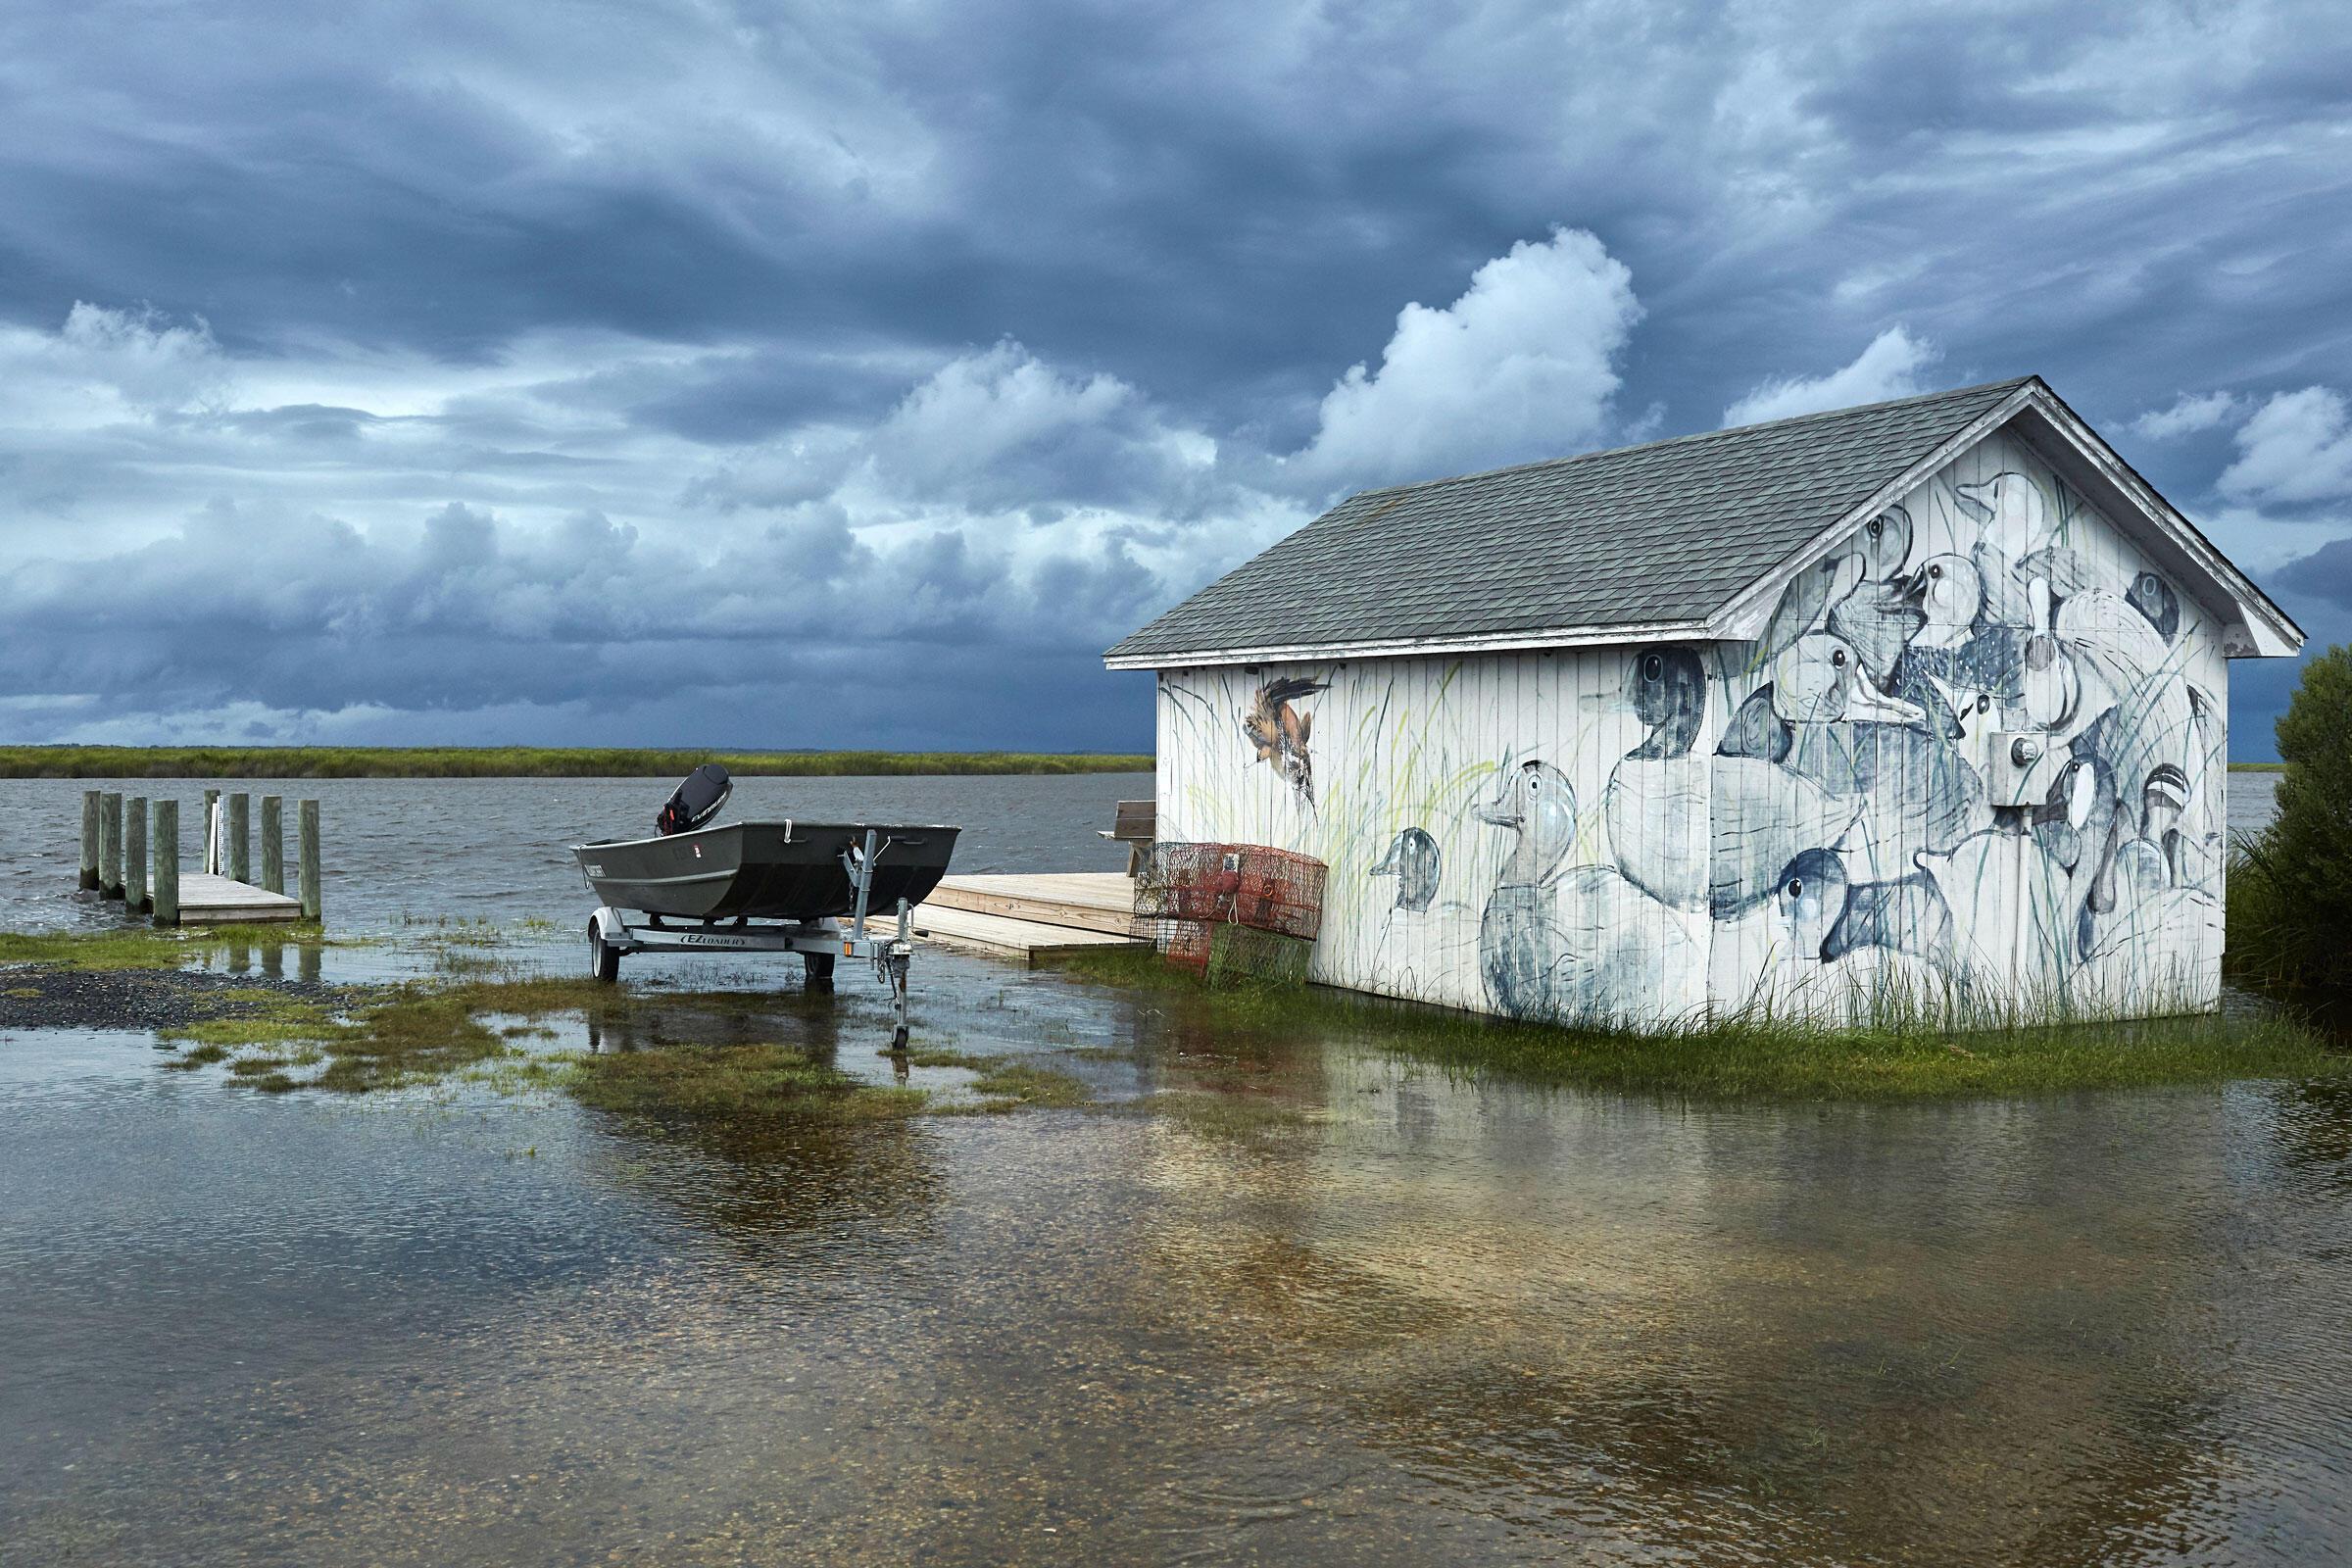 Un cobertizo para lanzas en una parte proclive a las inundaciones de Pine Island recuerda el pasado de caza de aves acuáticas de la zona.